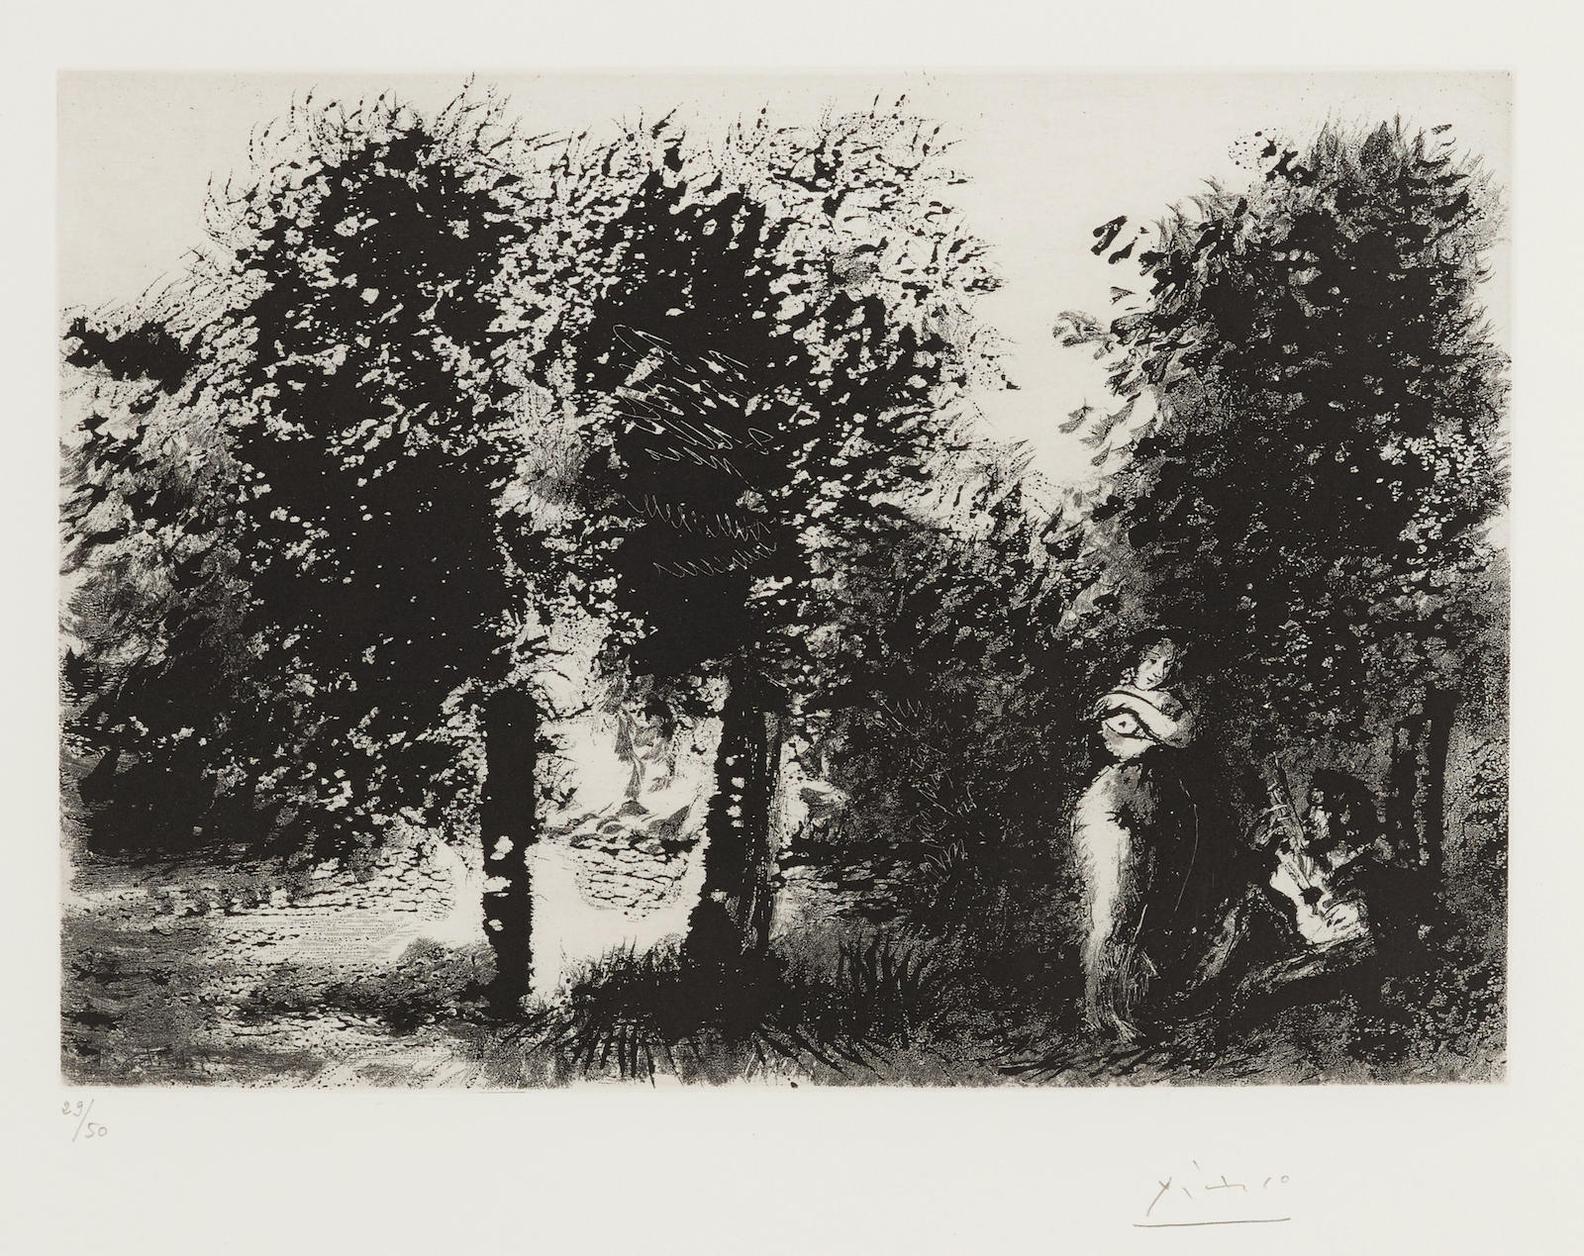 Pablo Picasso-Serenade Au Coucher Du Soleil Dans Un Sous-Bois A La Monet, From Series 347 (B. 1827; Ba. 1844)-1968